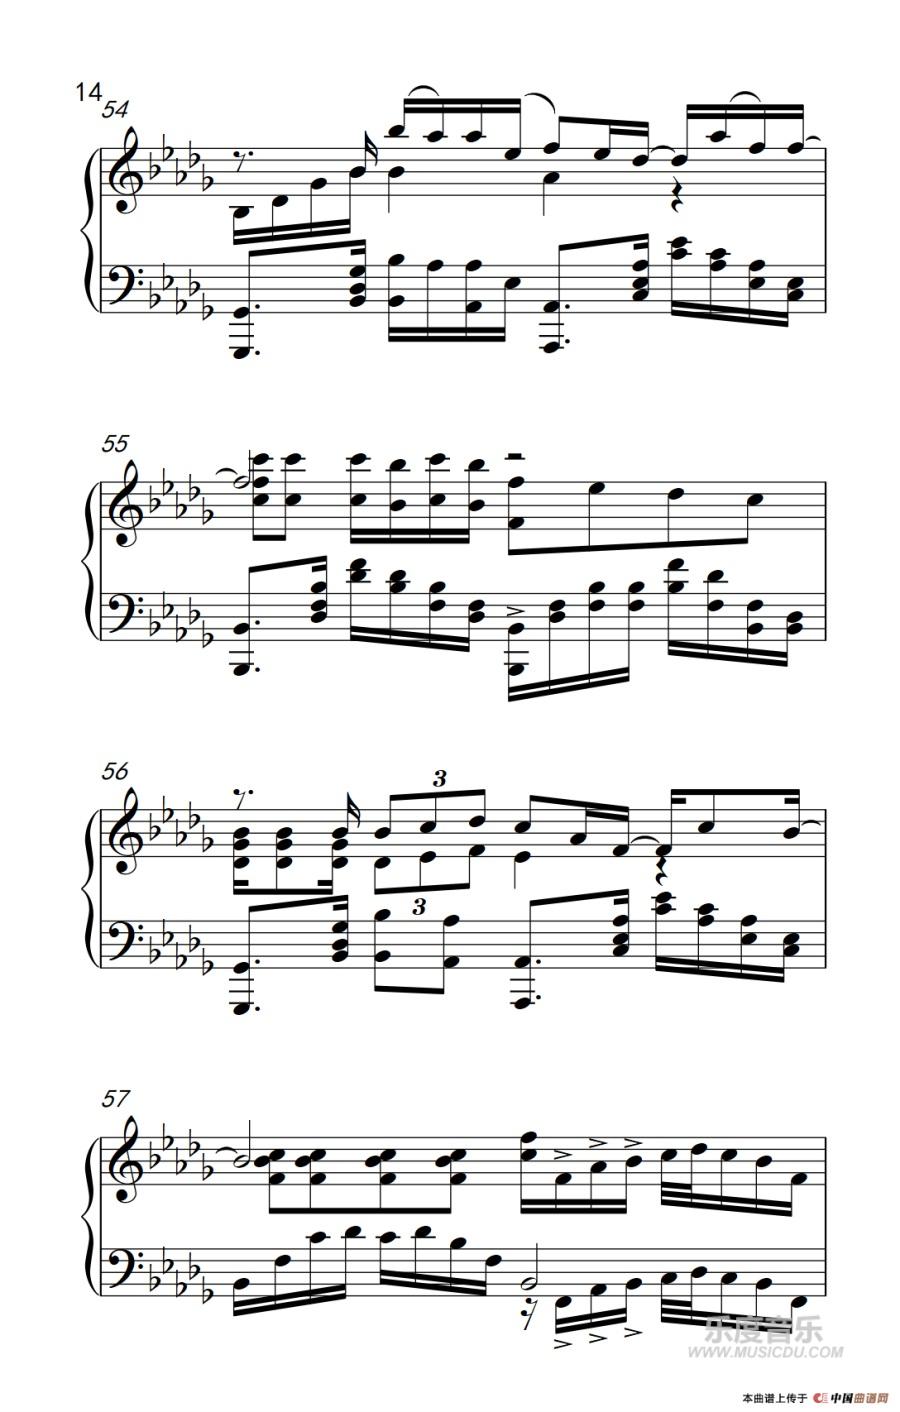 薛之谦《我好像在哪见过你》钢琴谱